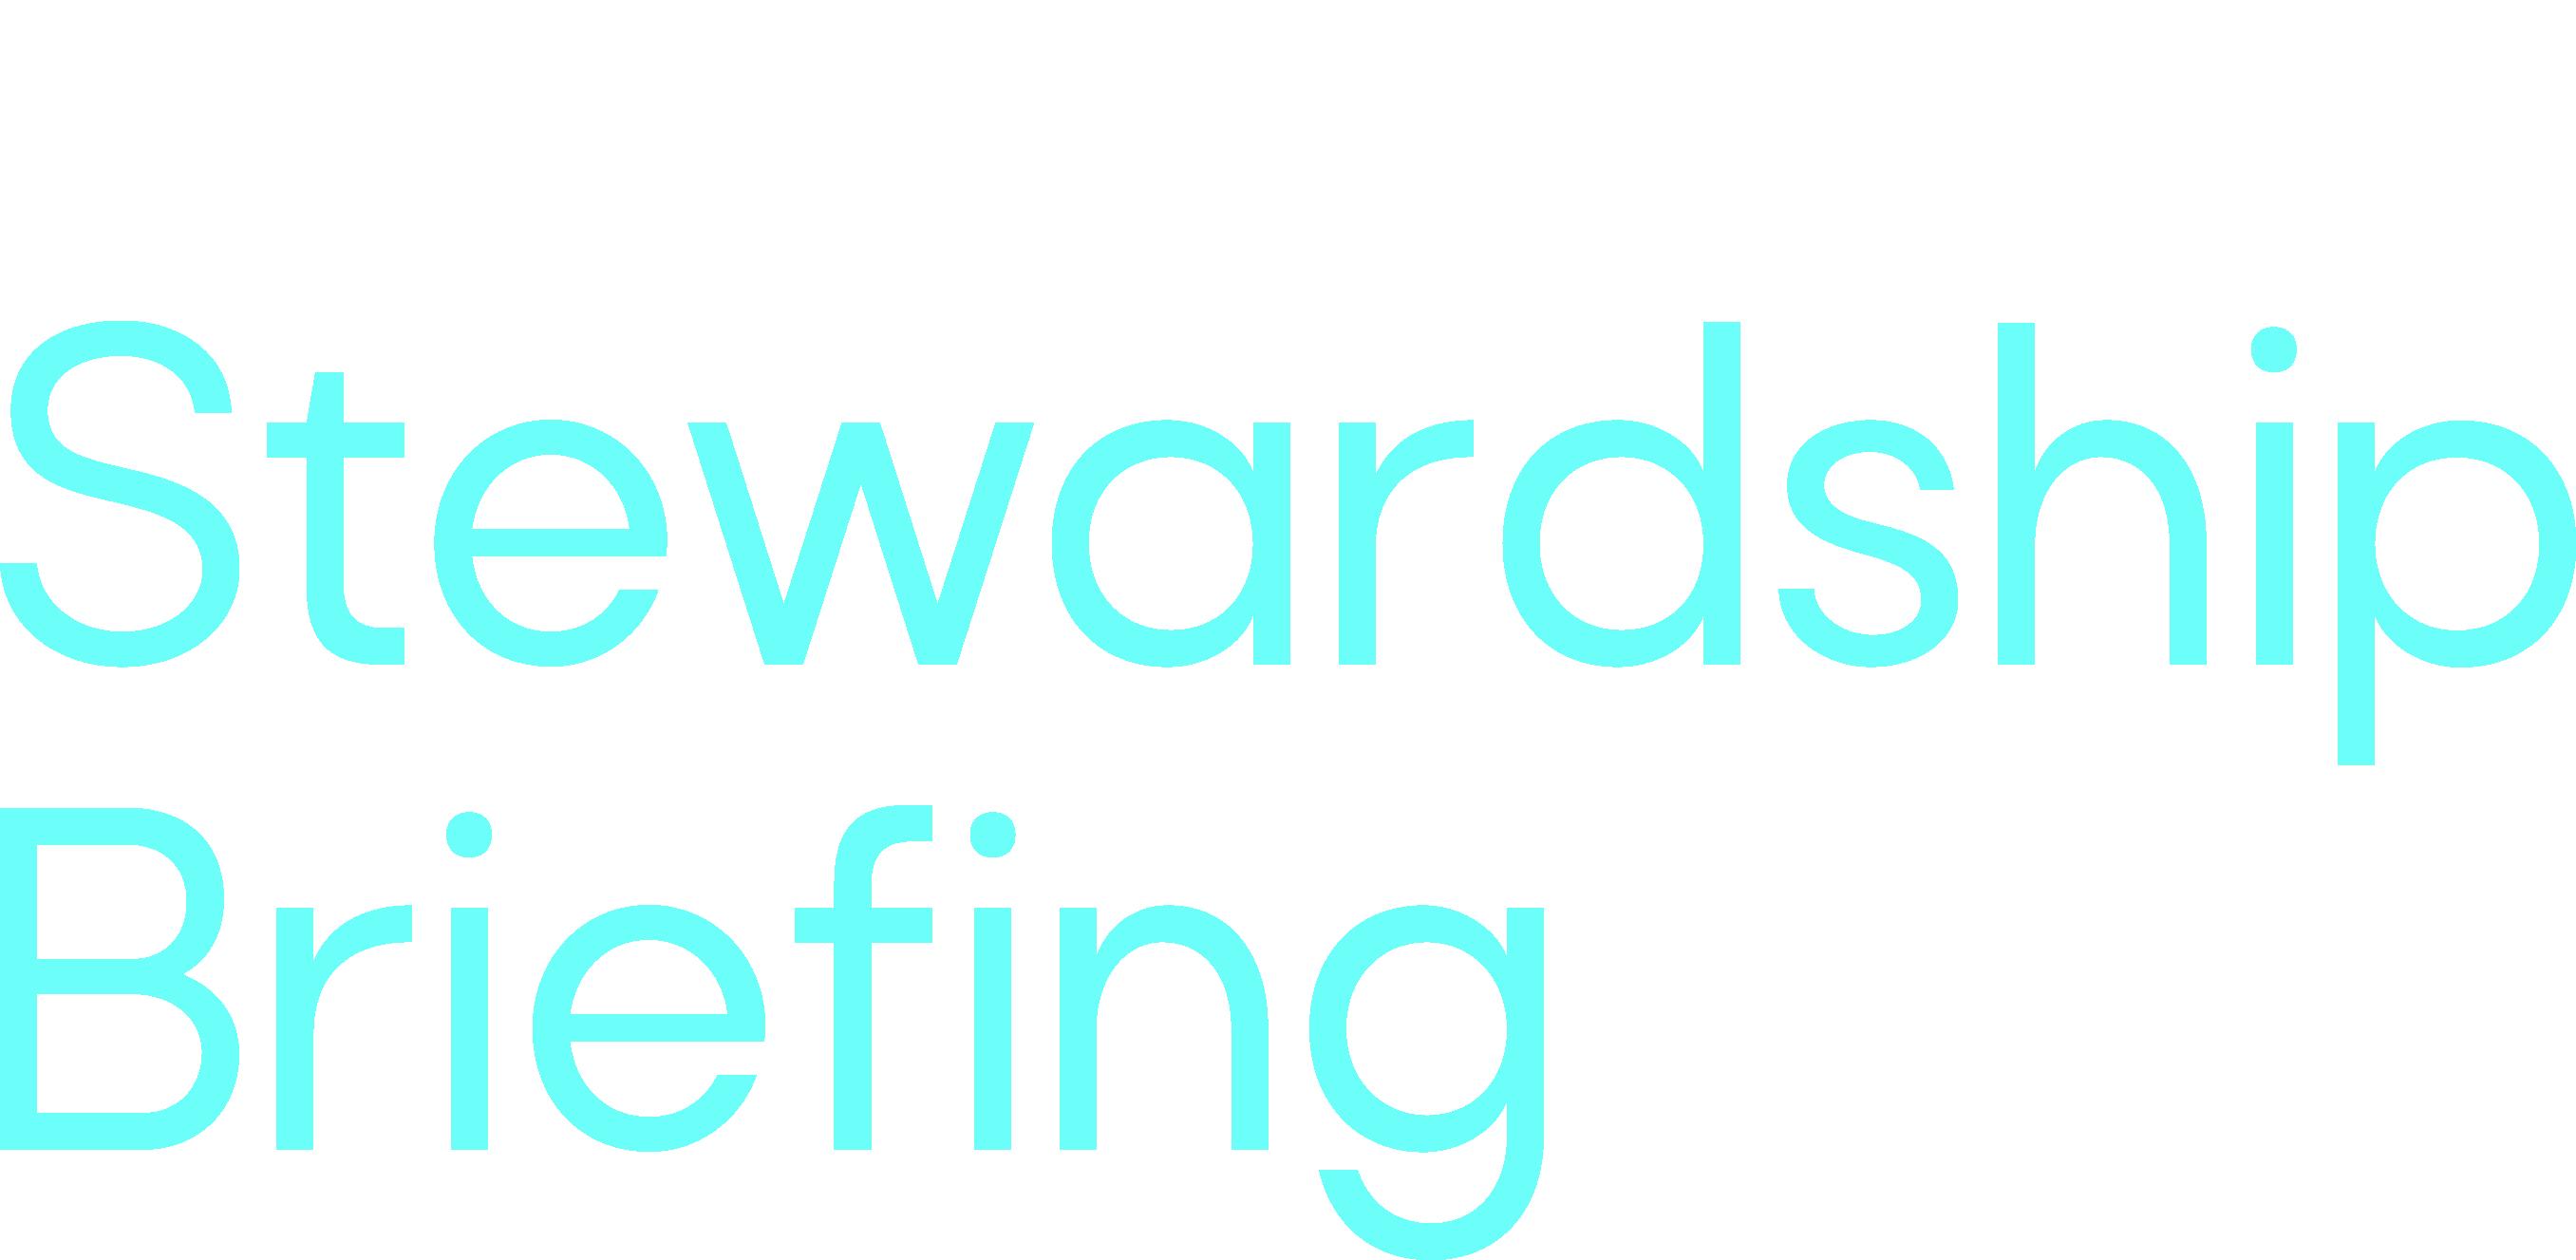 apac-stewardship